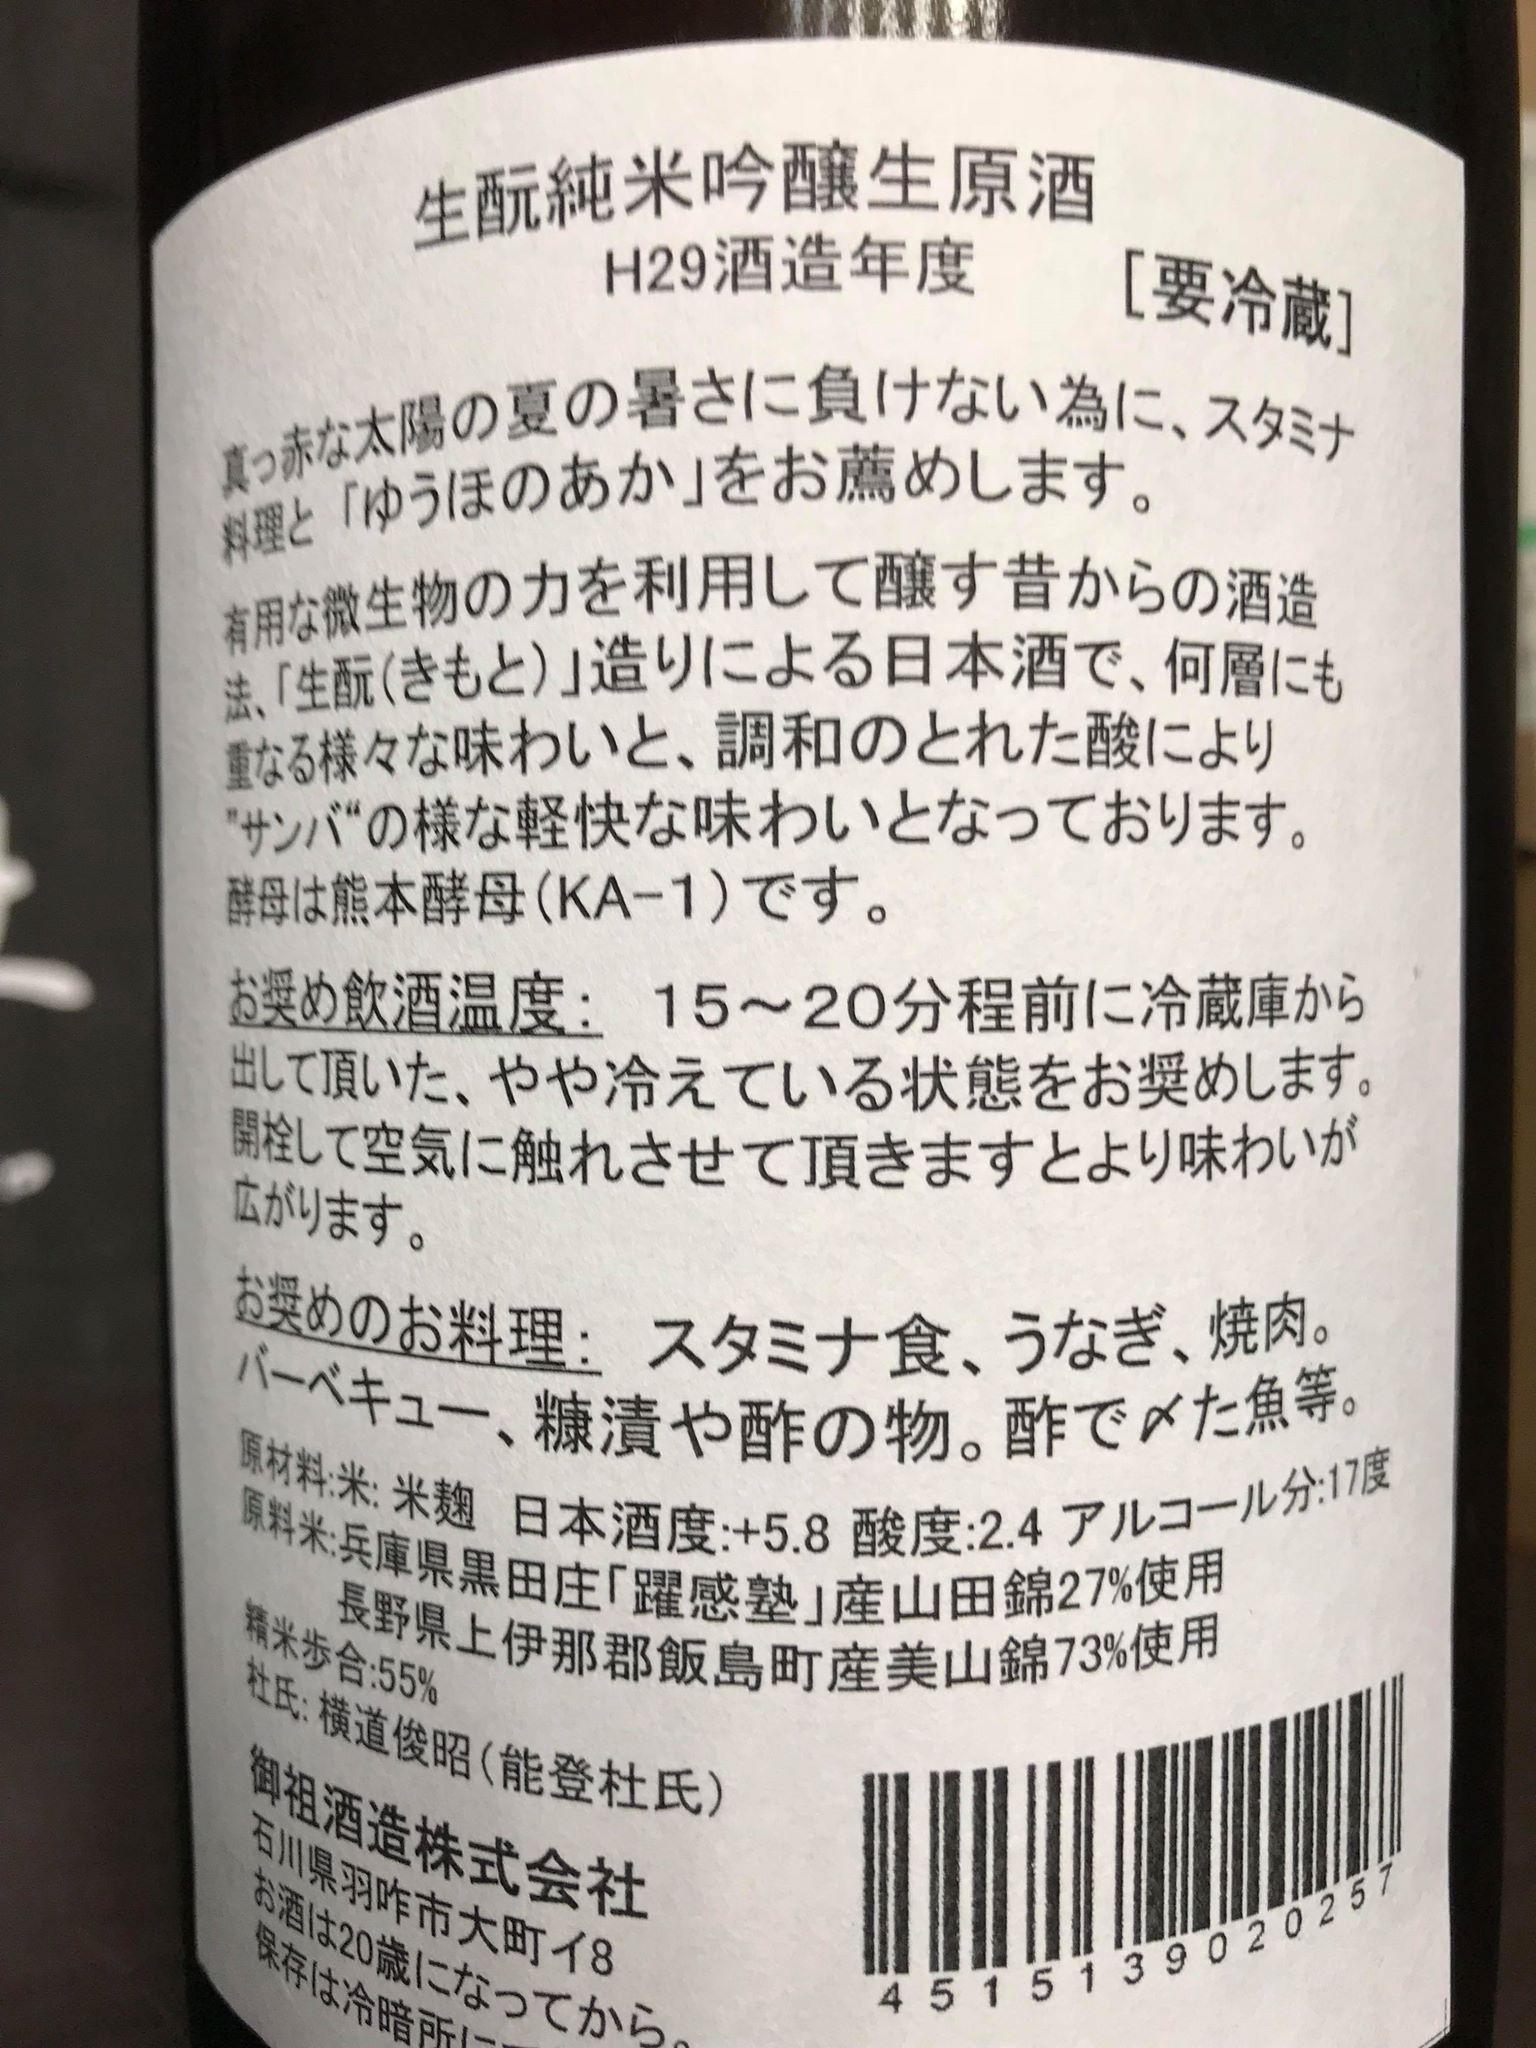 【日本酒】ゆうほのあか 山おろし 純米吟醸 無濾過生原酒 限定 29BY_e0173738_6543115.jpg